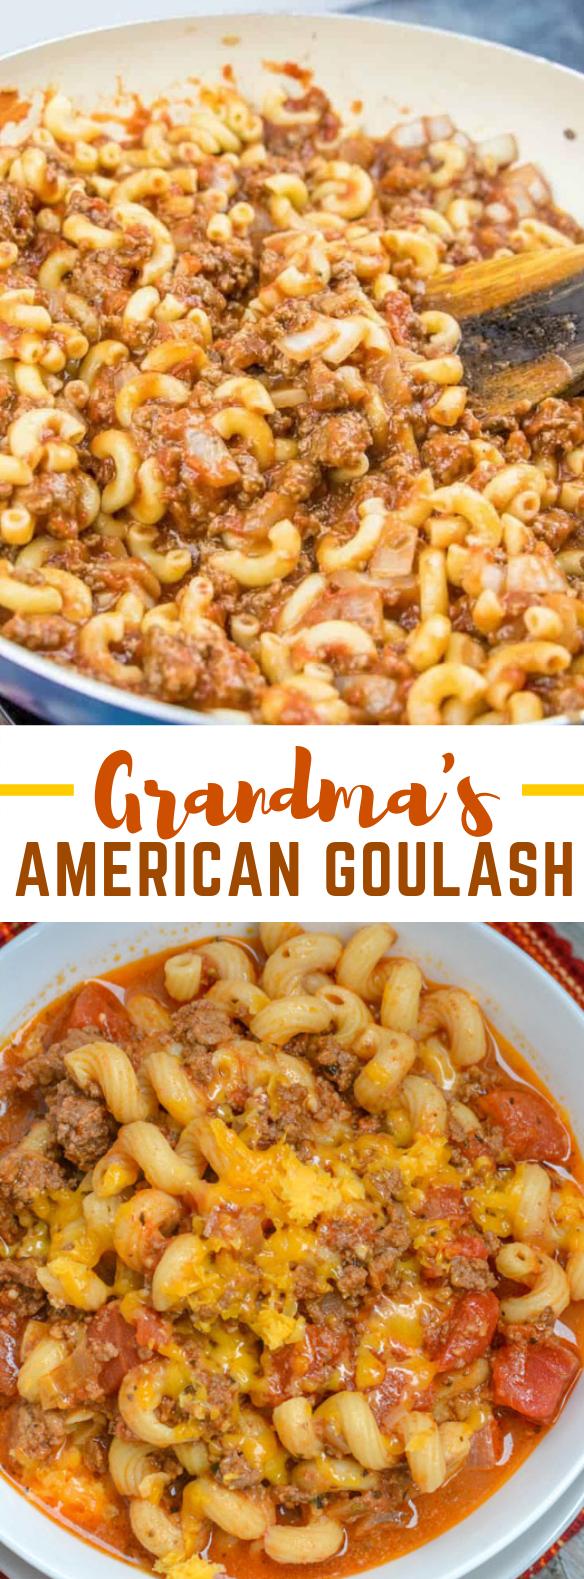 GRANDMA'S AMERICAN GOULASH #dinner #pasta